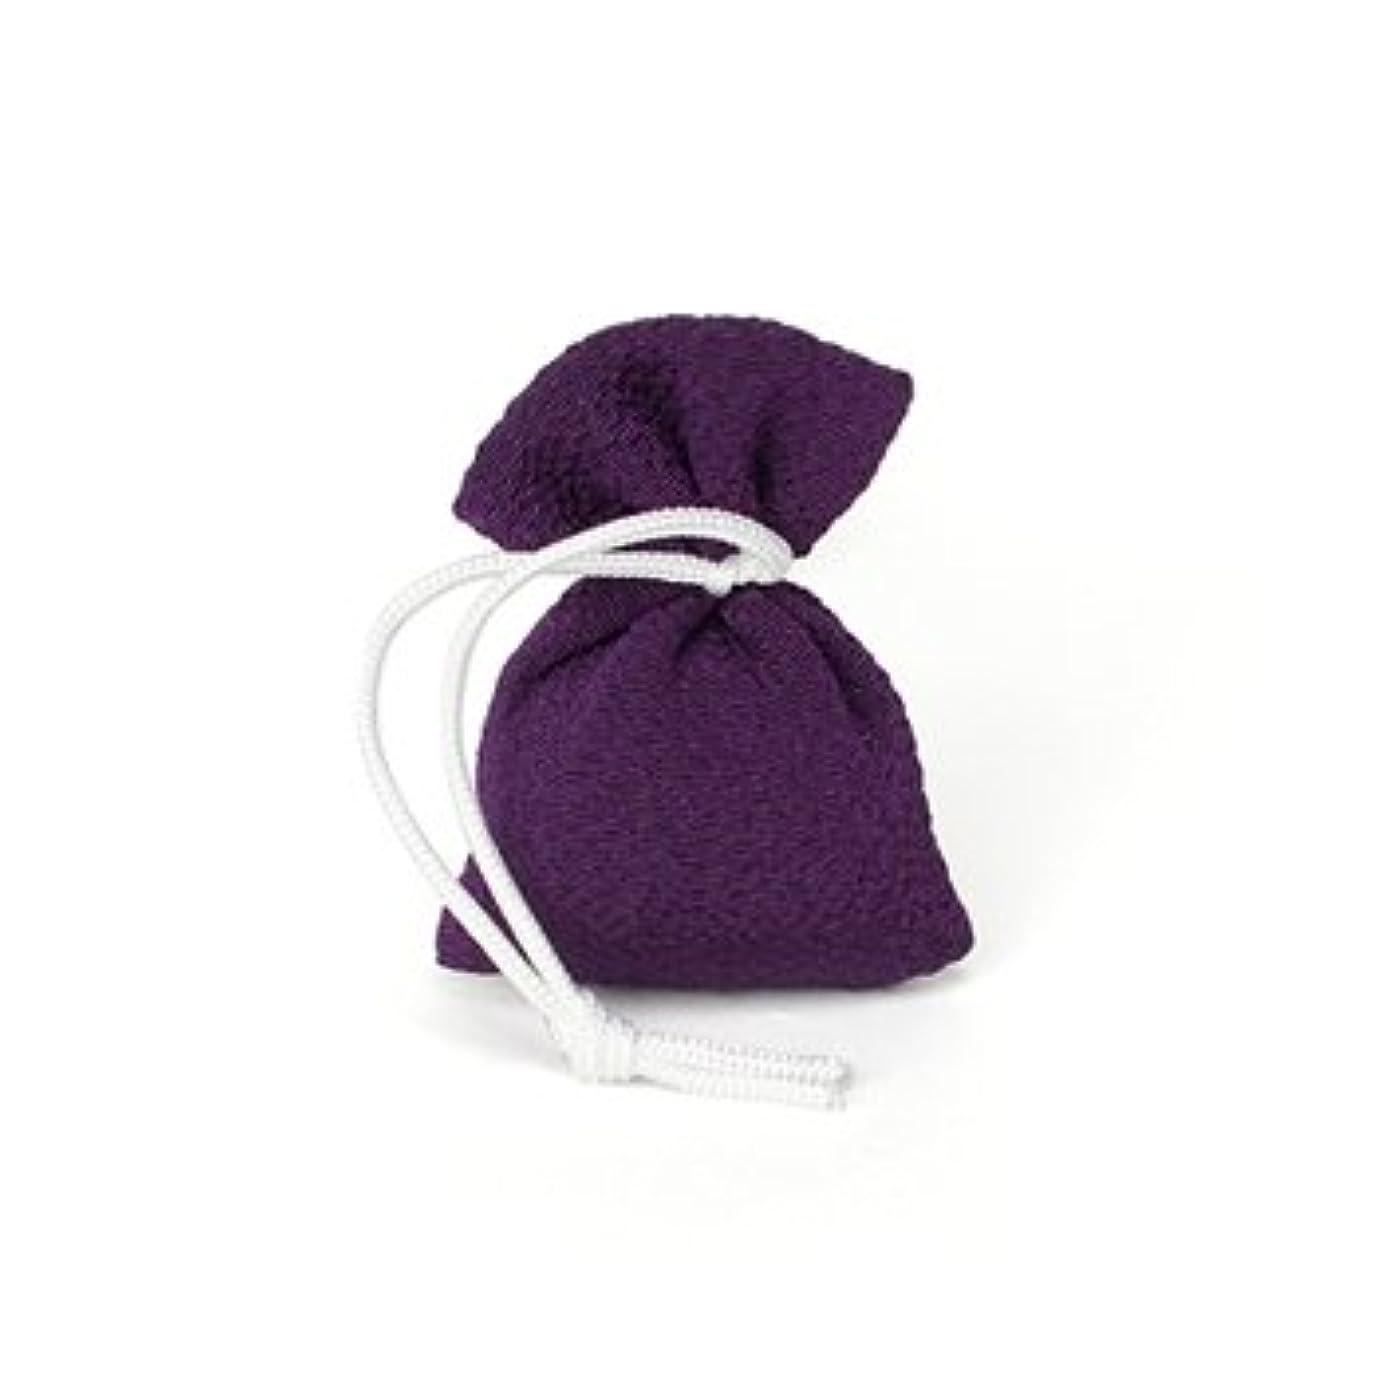 ラグモート道松栄堂 匂い袋 誰が袖 携帯用 1個入 ケースなし (色をお選びください) (古代紫)